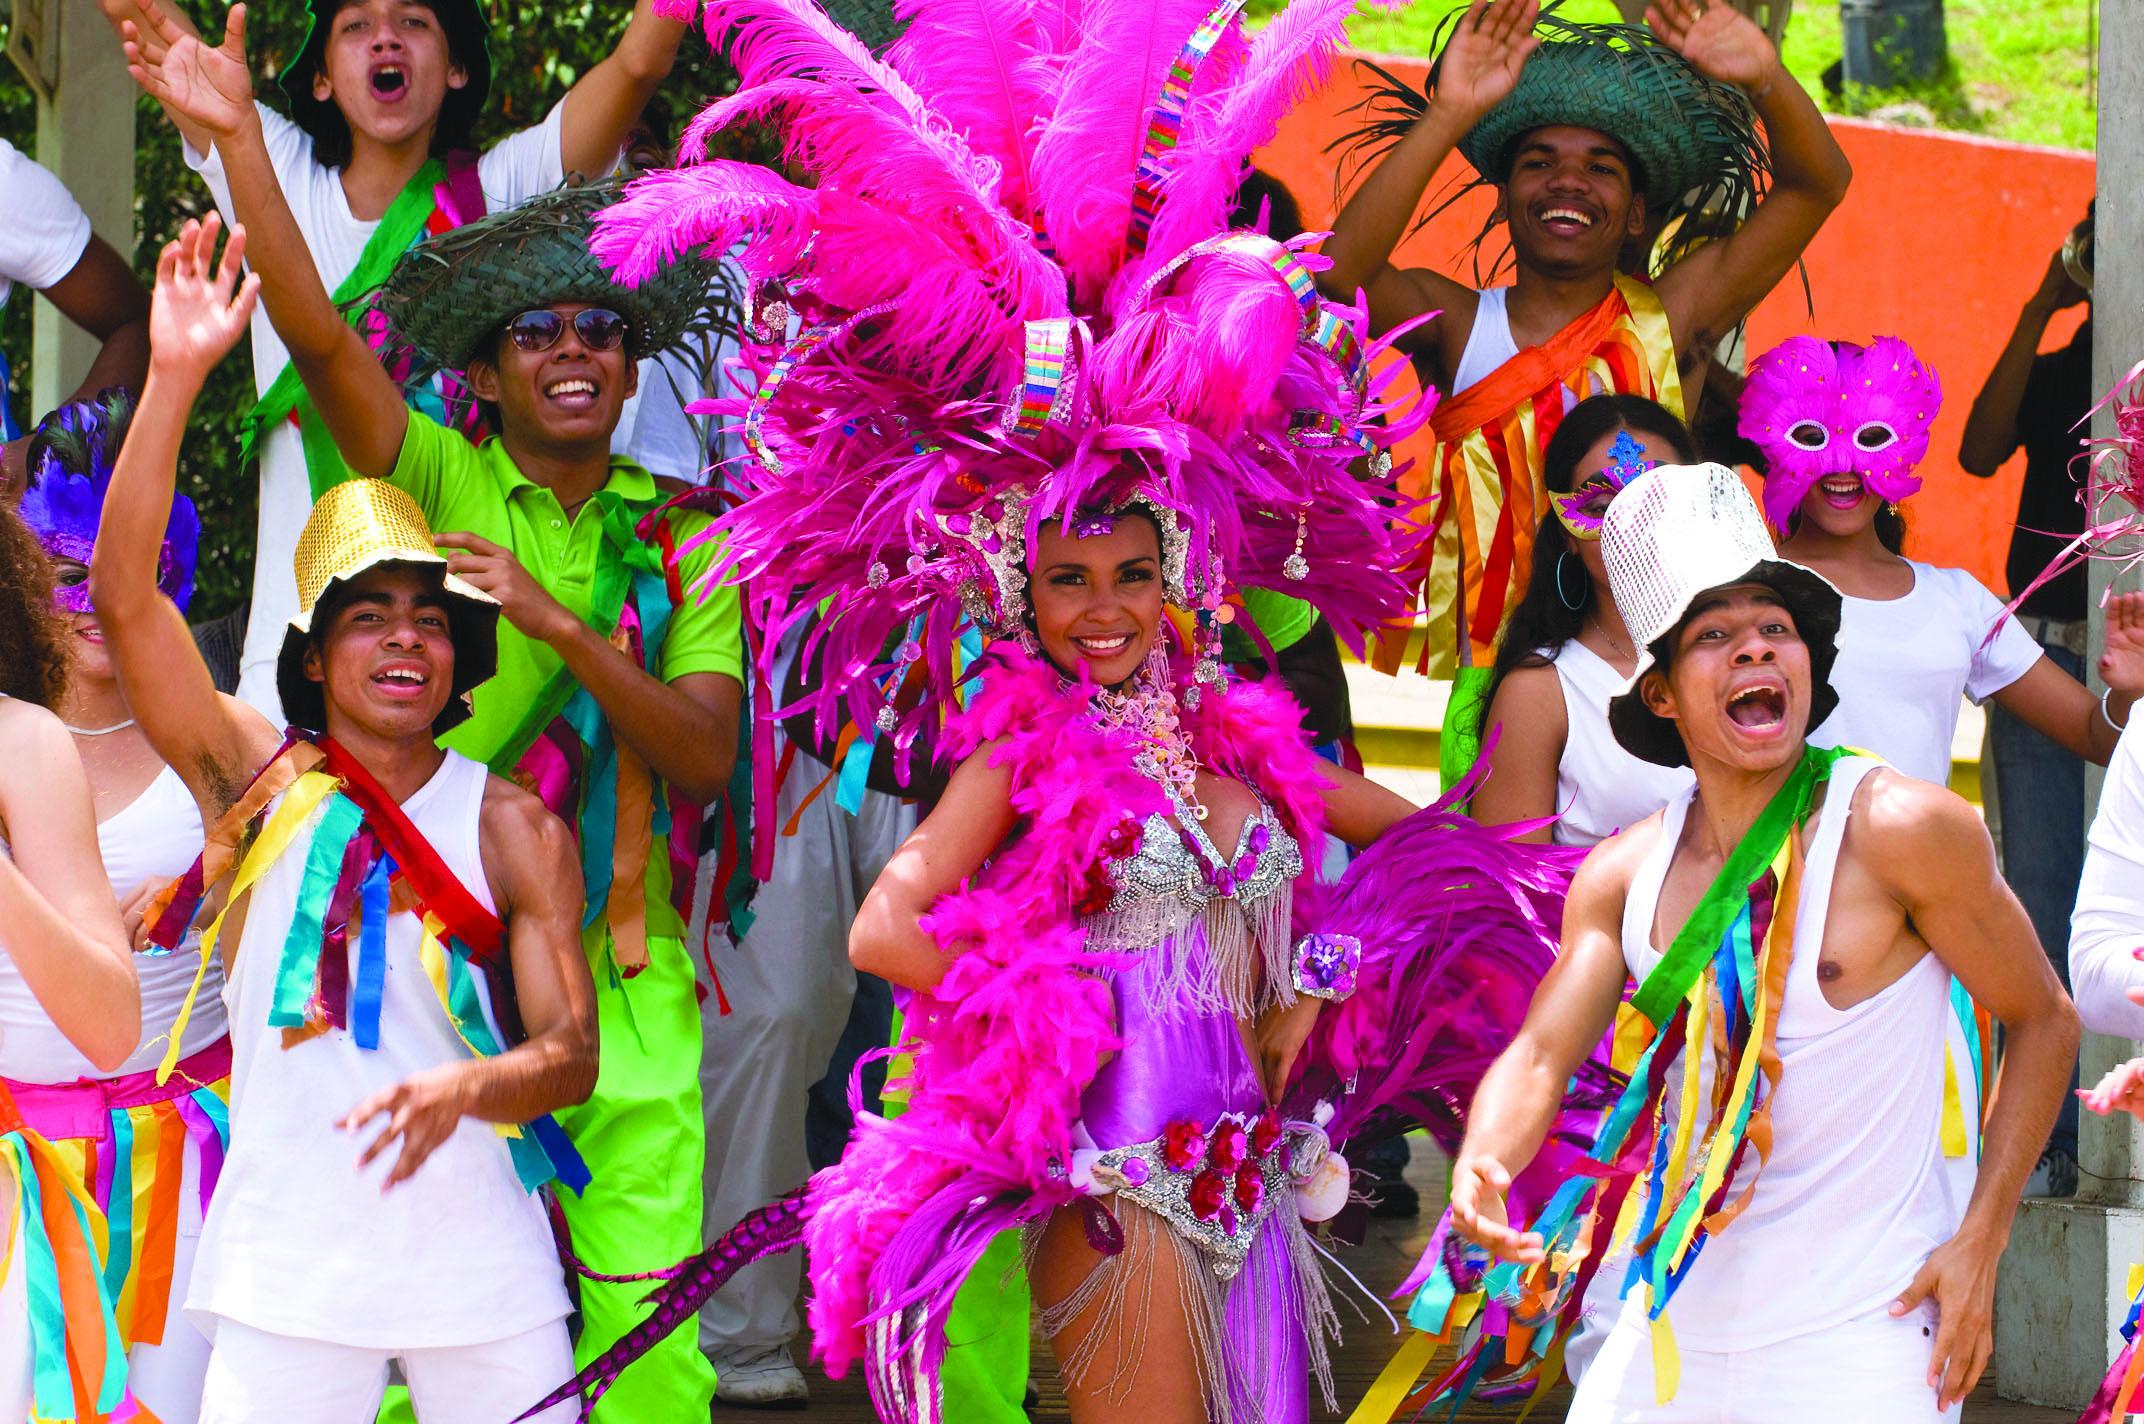 カーニバルはパナマの一大イベント